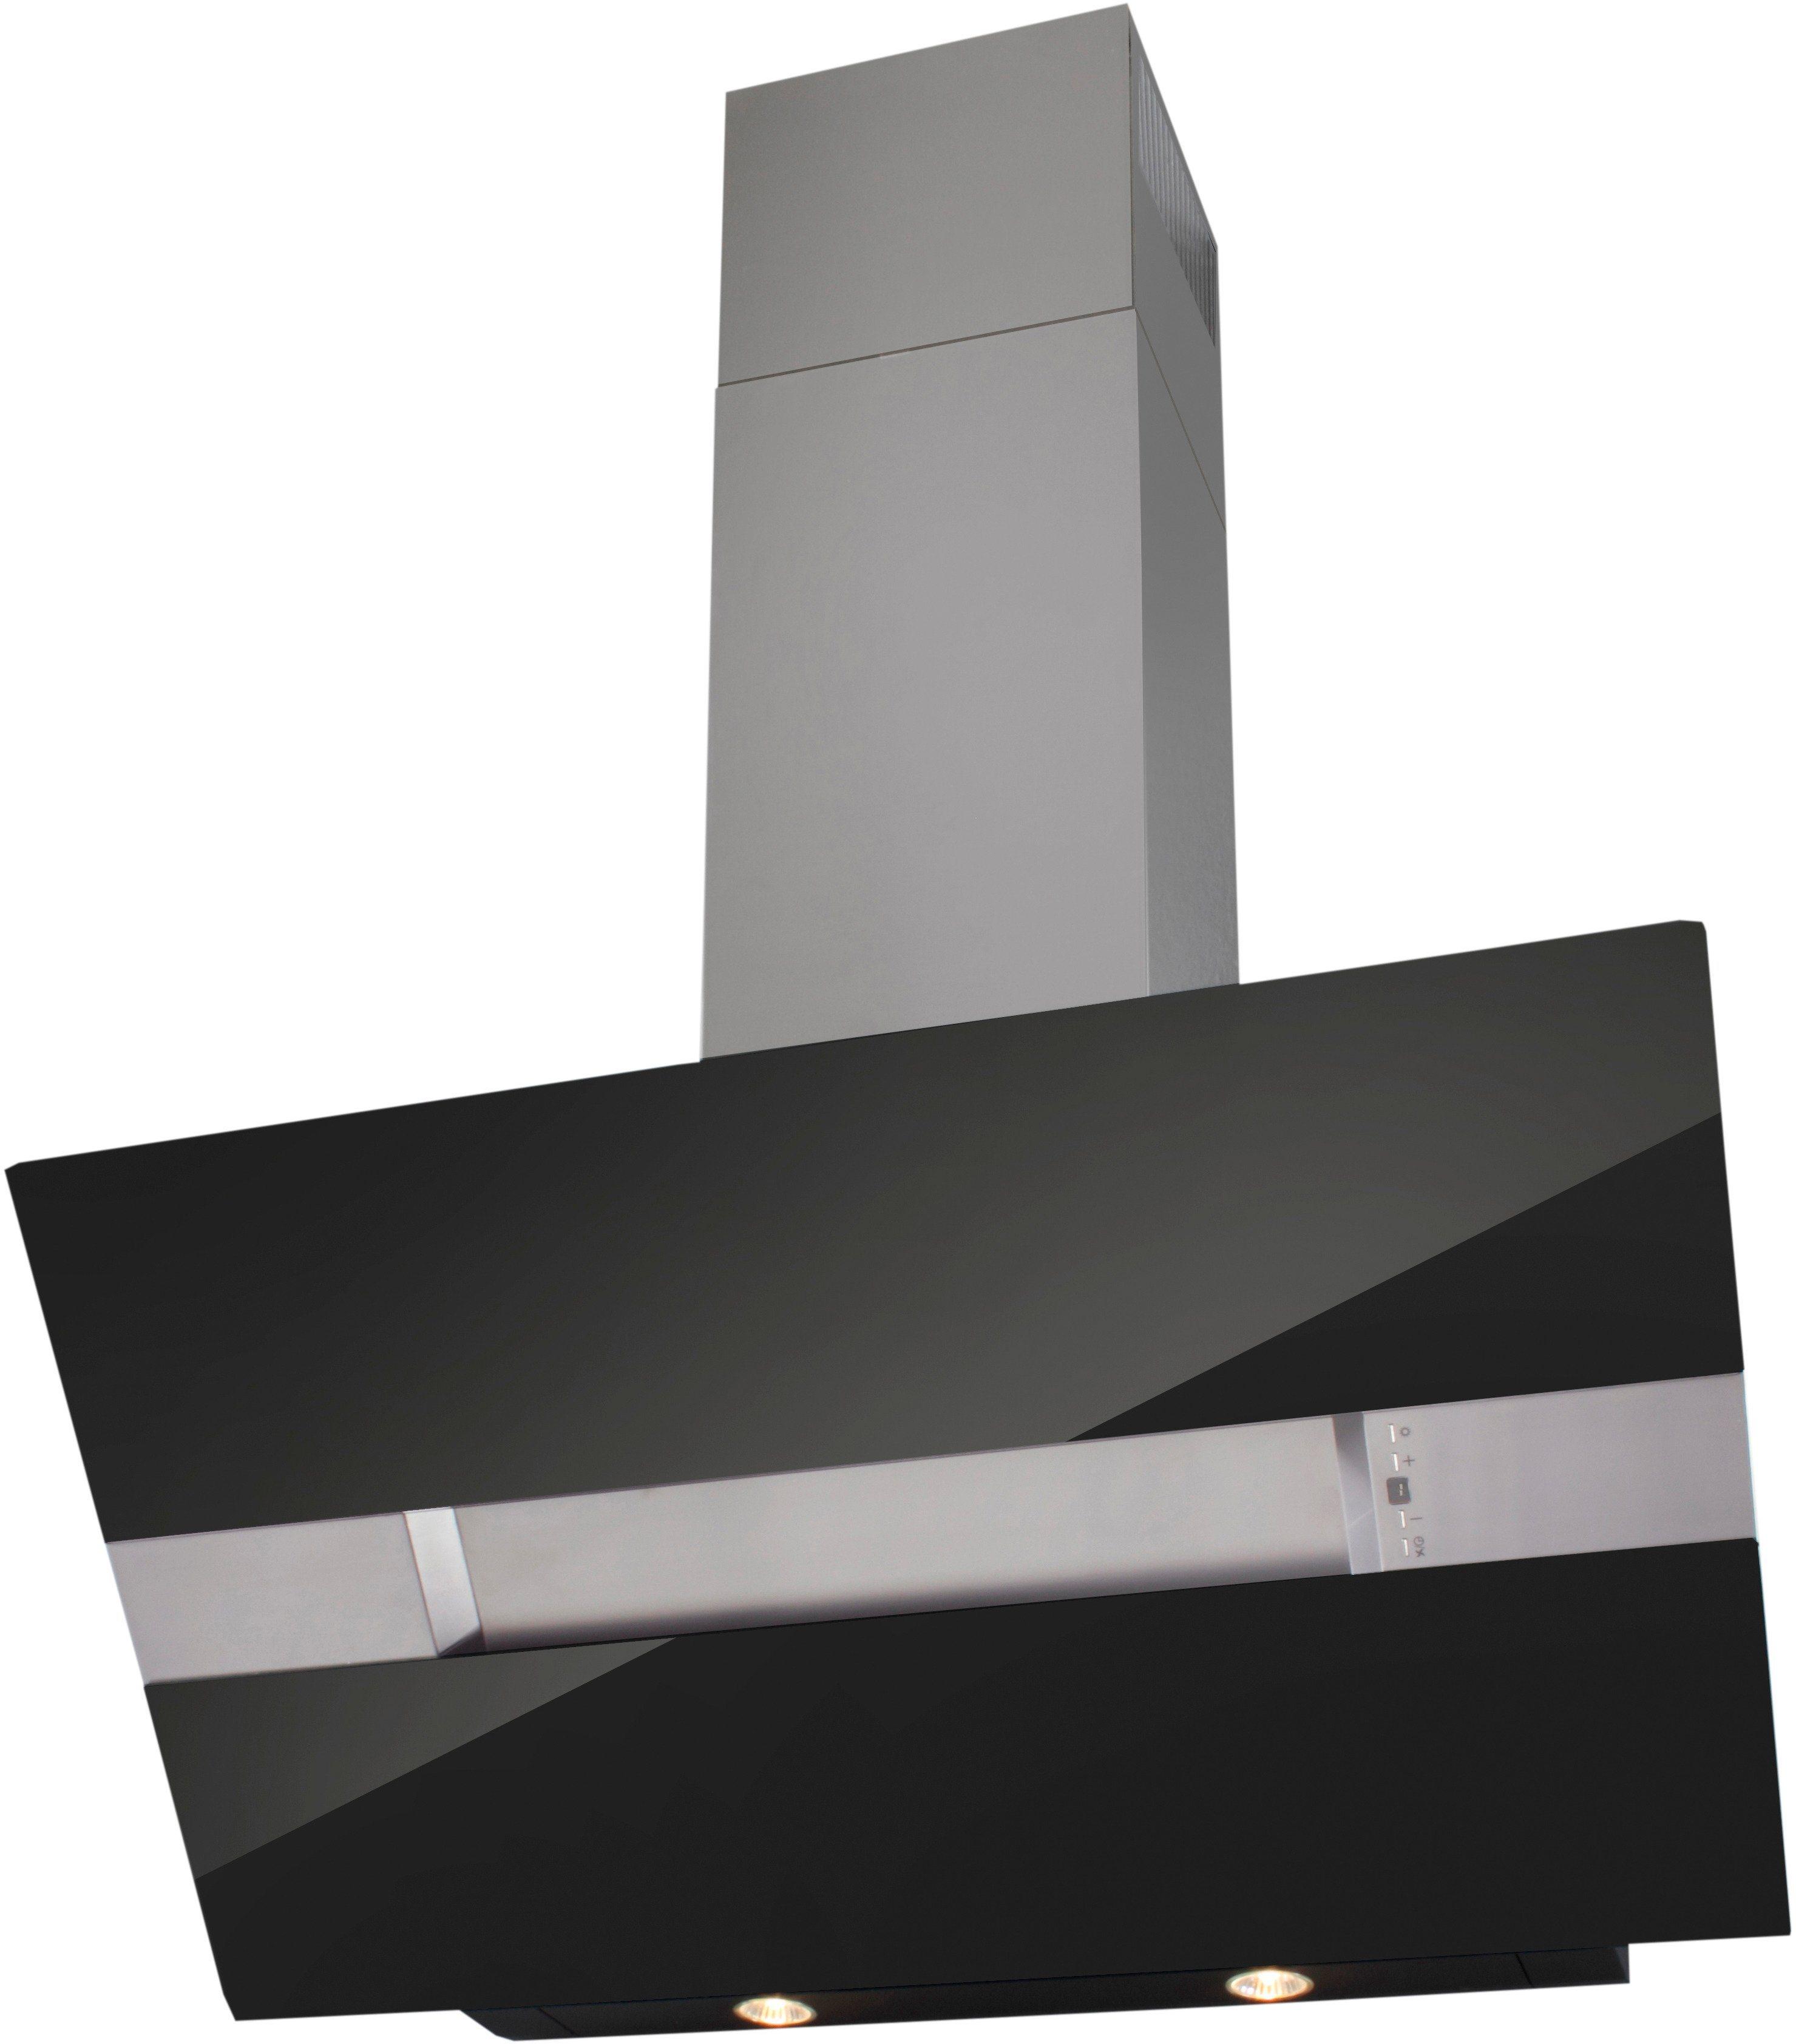 dunstabzugshauben kopffrei preisvergleich die besten angebote online kaufen. Black Bedroom Furniture Sets. Home Design Ideas